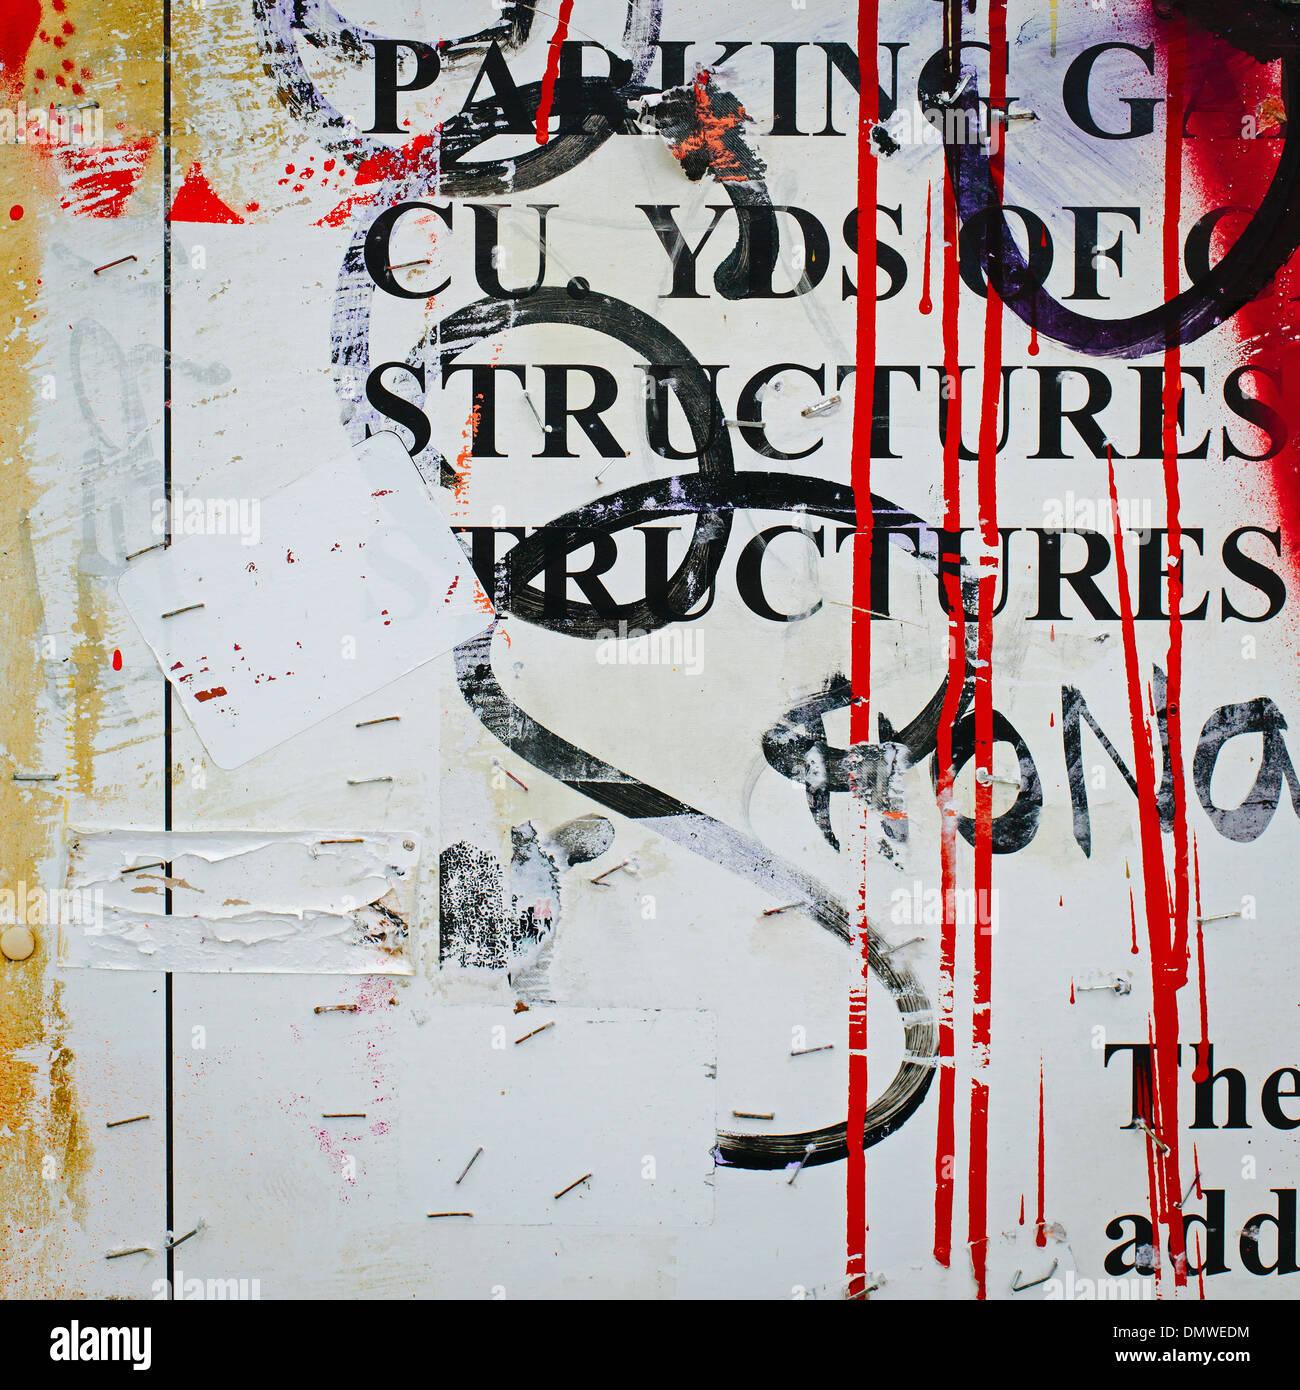 Una coperta di graffiti parete in una città. Striature di gocce di vernice e i messaggi stampati ricoperta con spraypaint tag. Immagini Stock